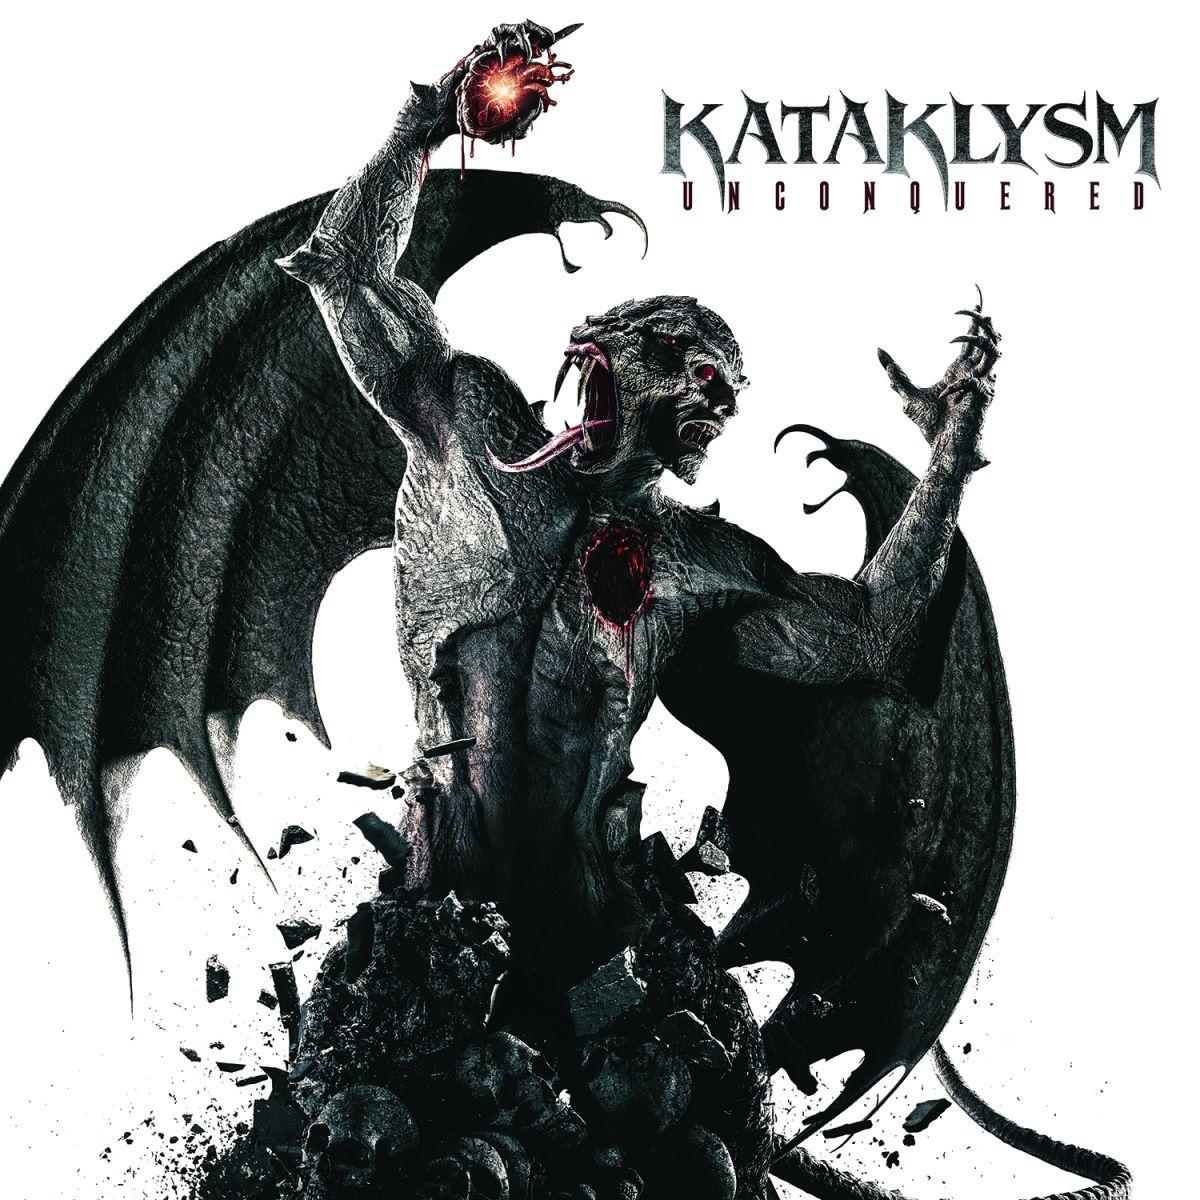 Kataklysm - UNCONQUERED - album cover